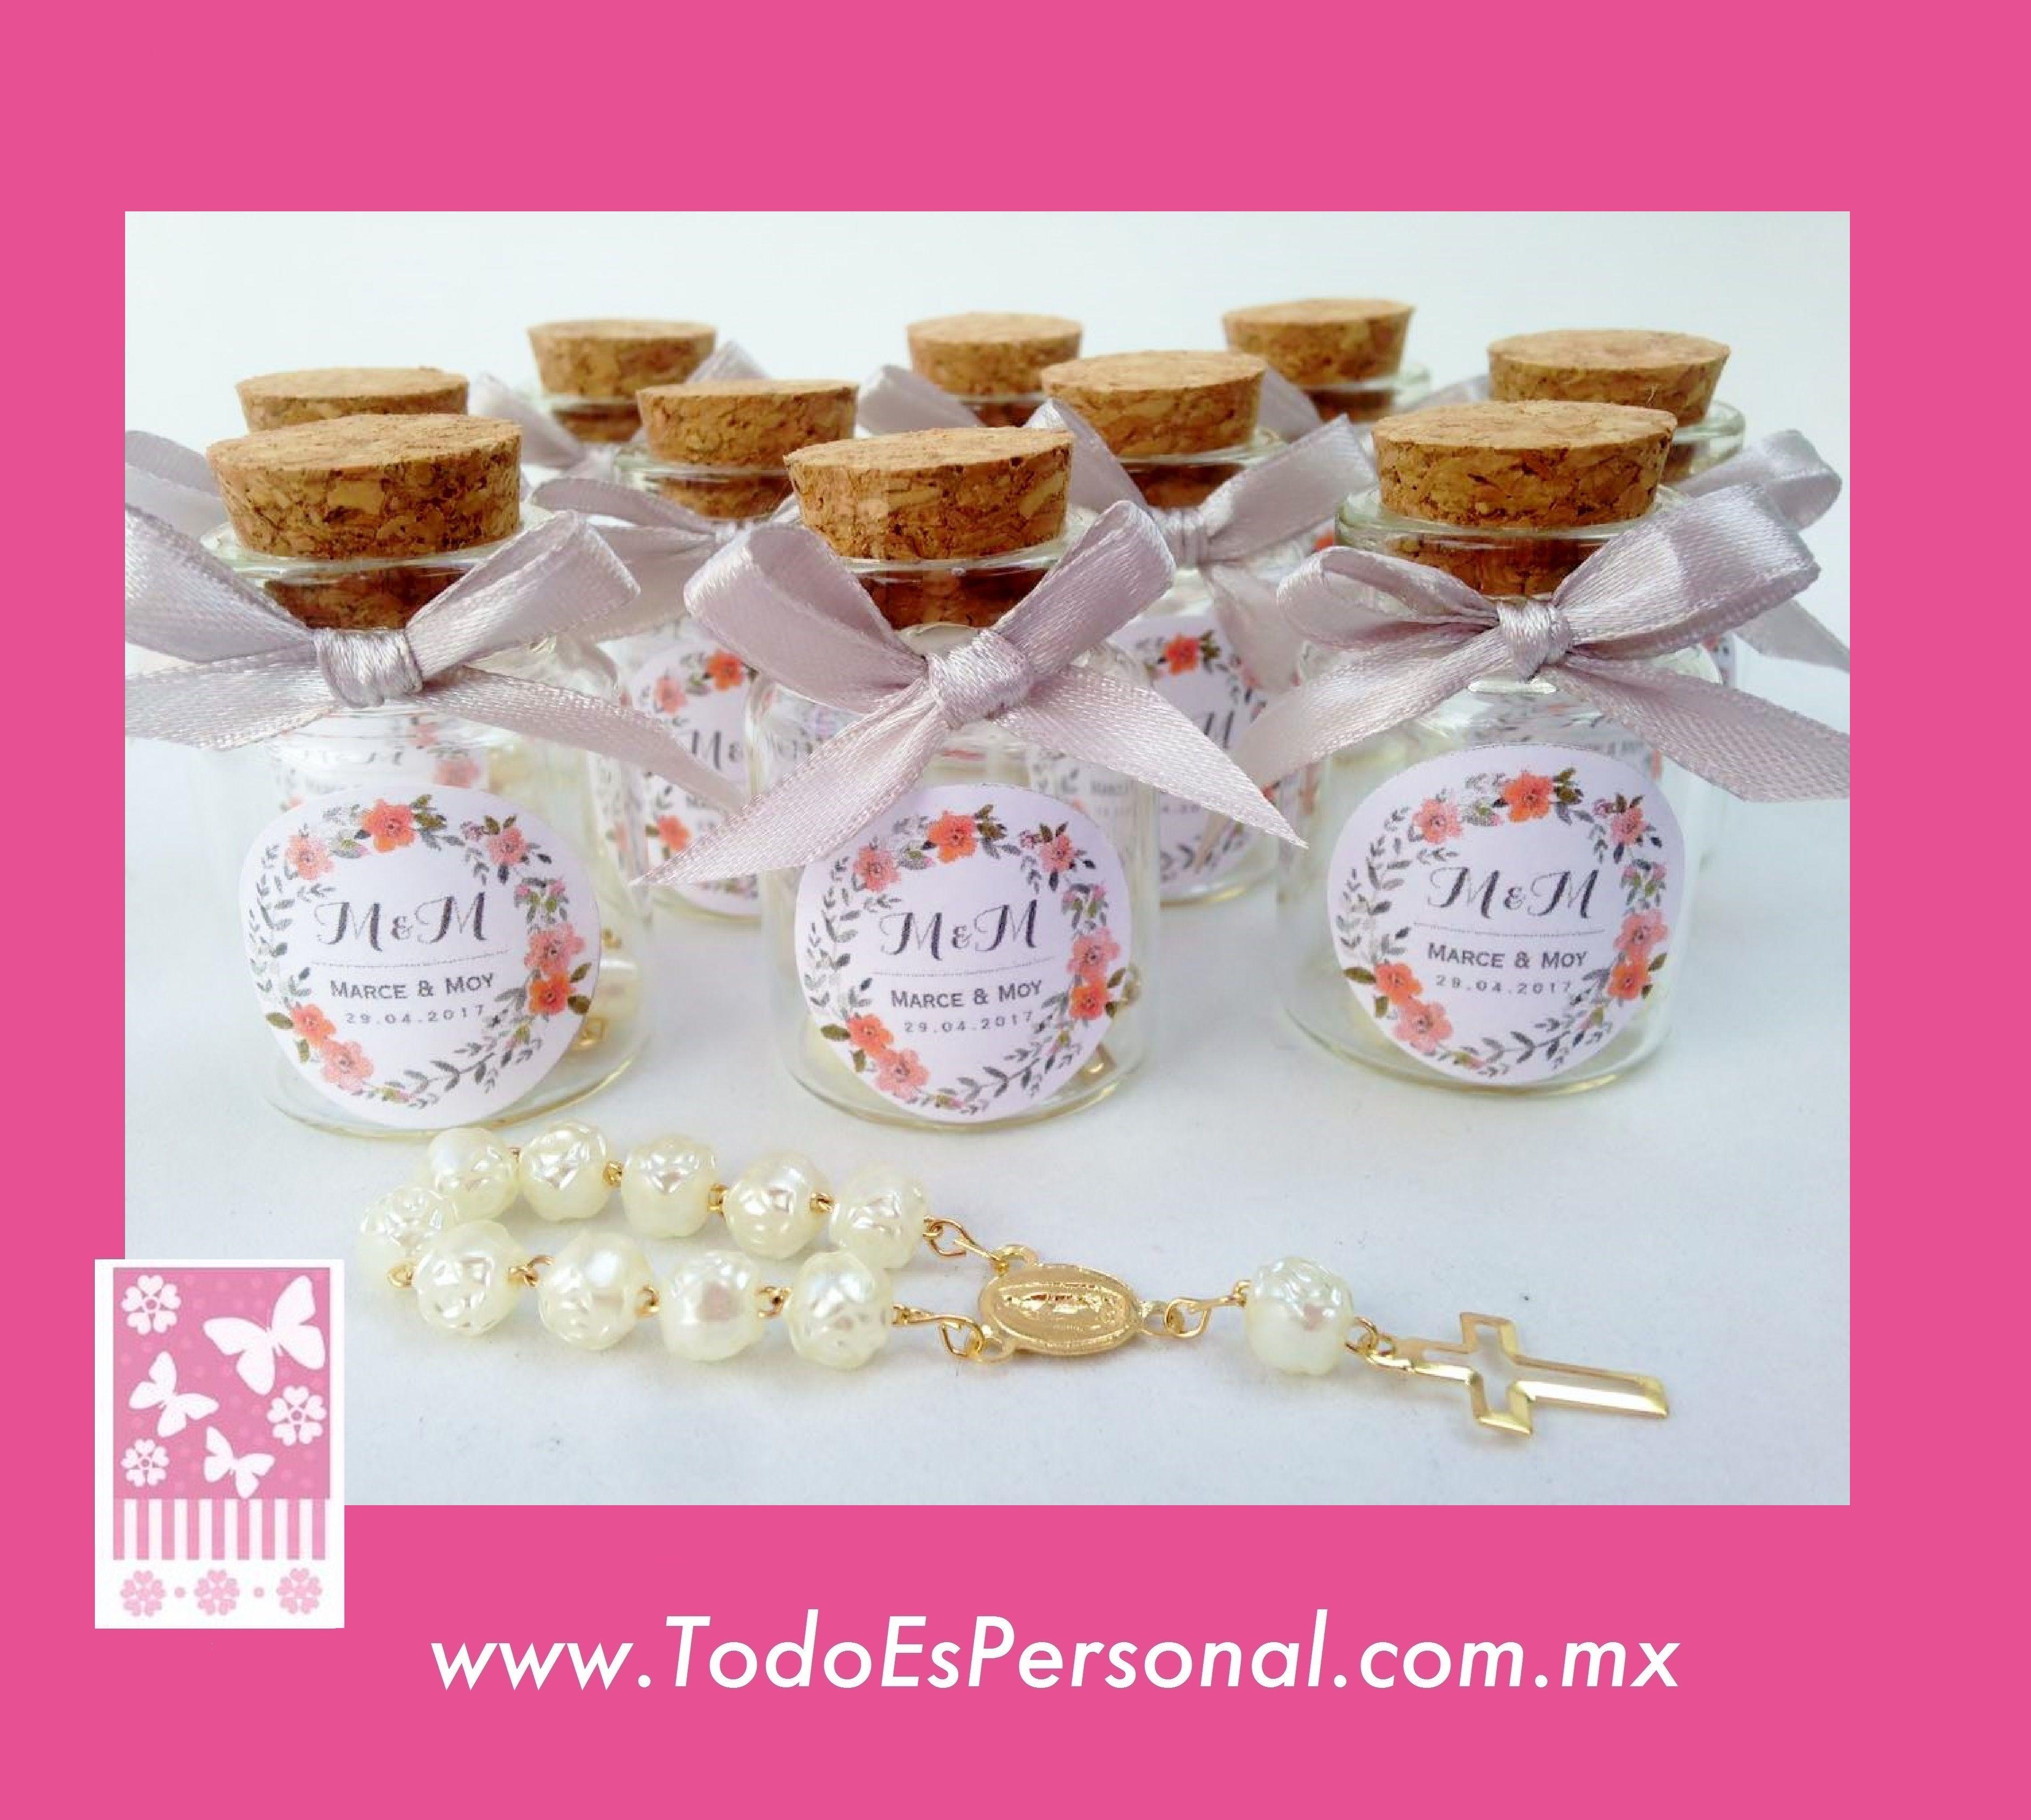 decenarios botella cristal frasco playa liston frasquito corcho recuerdo boda xv años flores vintage